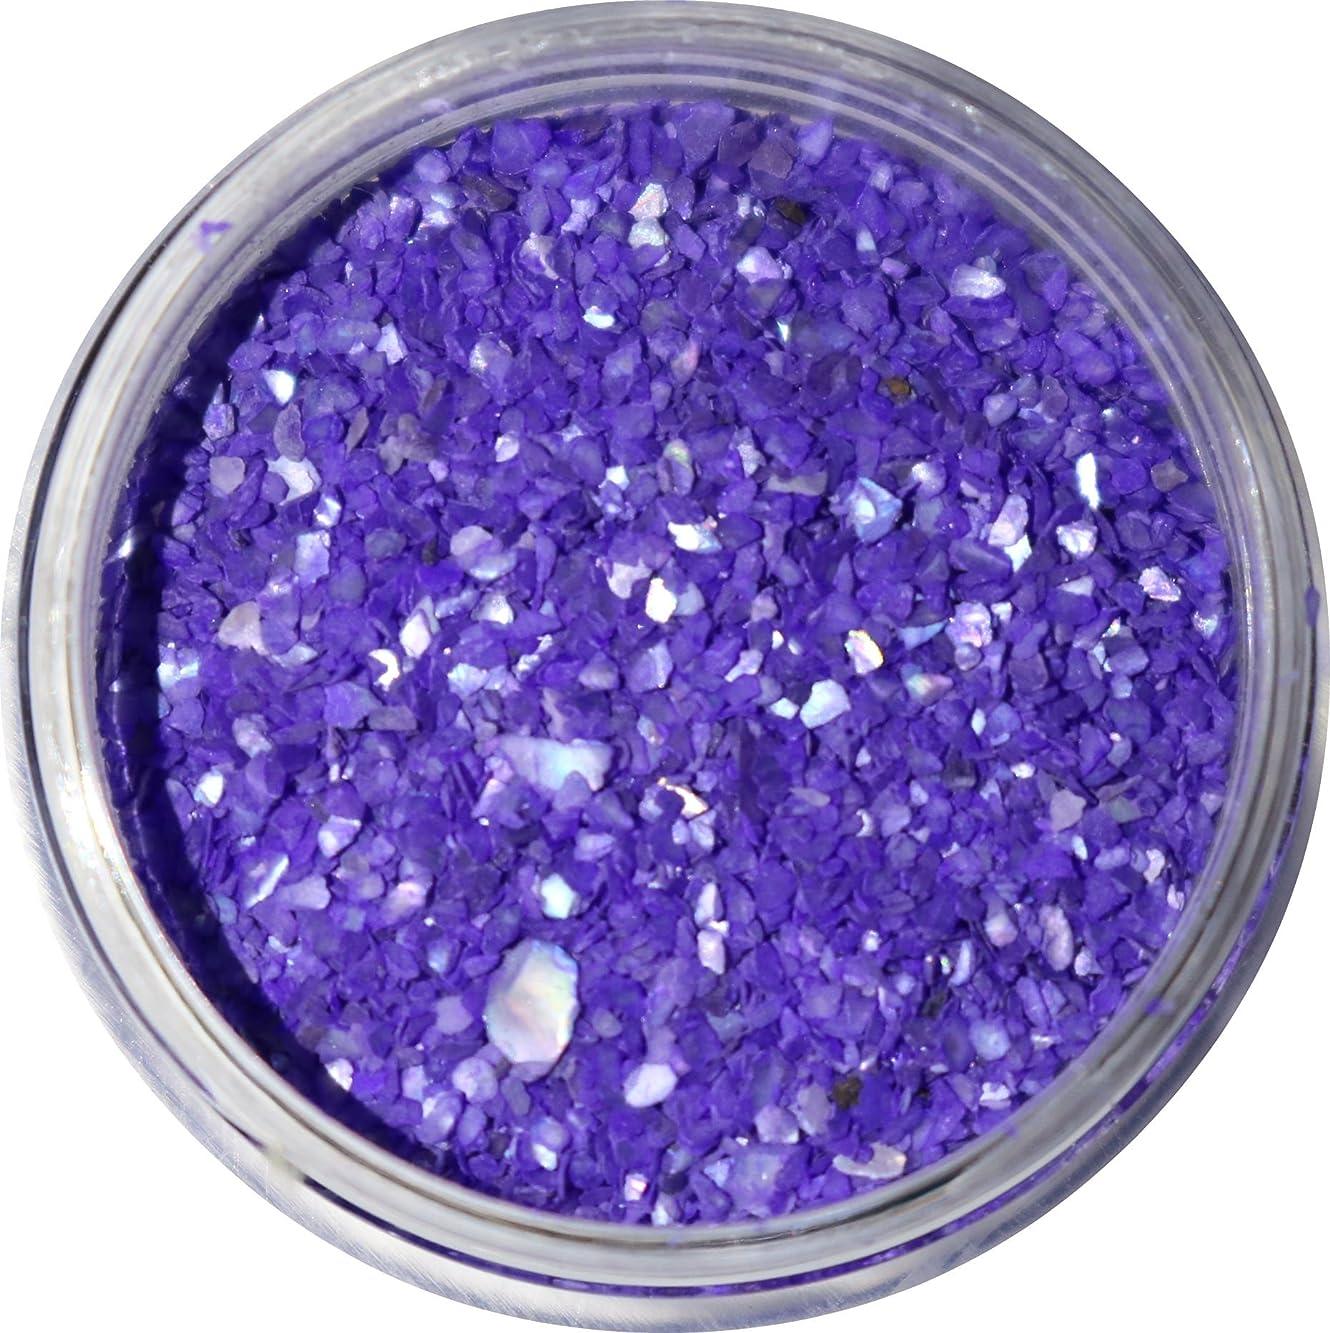 登場節約ゆり【jewel】微粒子タイプ シェルパウダー 3g入り 12色から選択可能 (バイオレットブルー)